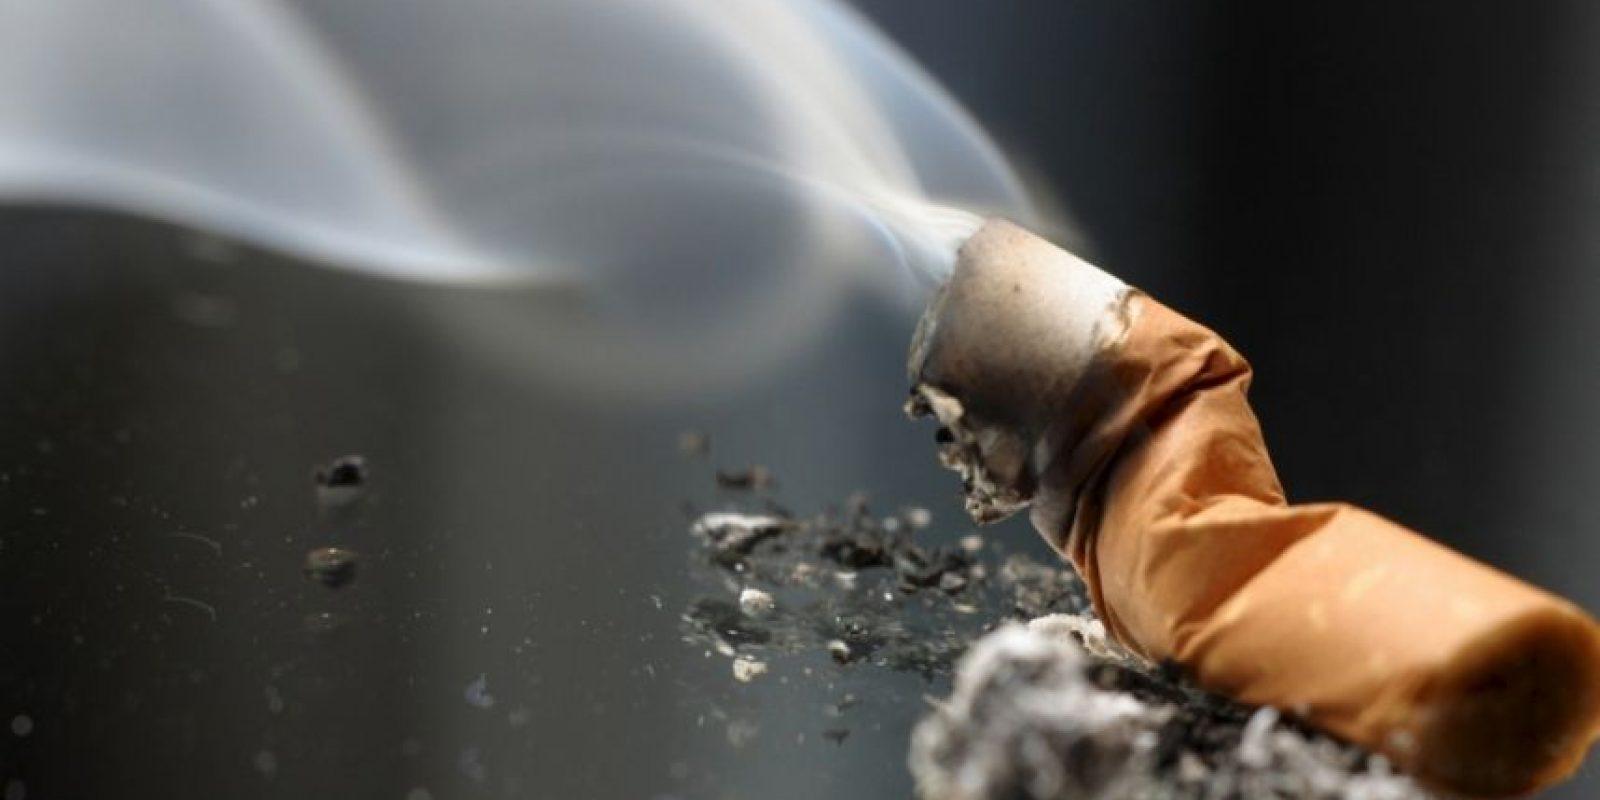 Entre 80 mil y 100 mil jóvenes de todo el mundo se convierten en adictos al tabaco cada día. Foto:Pixabay